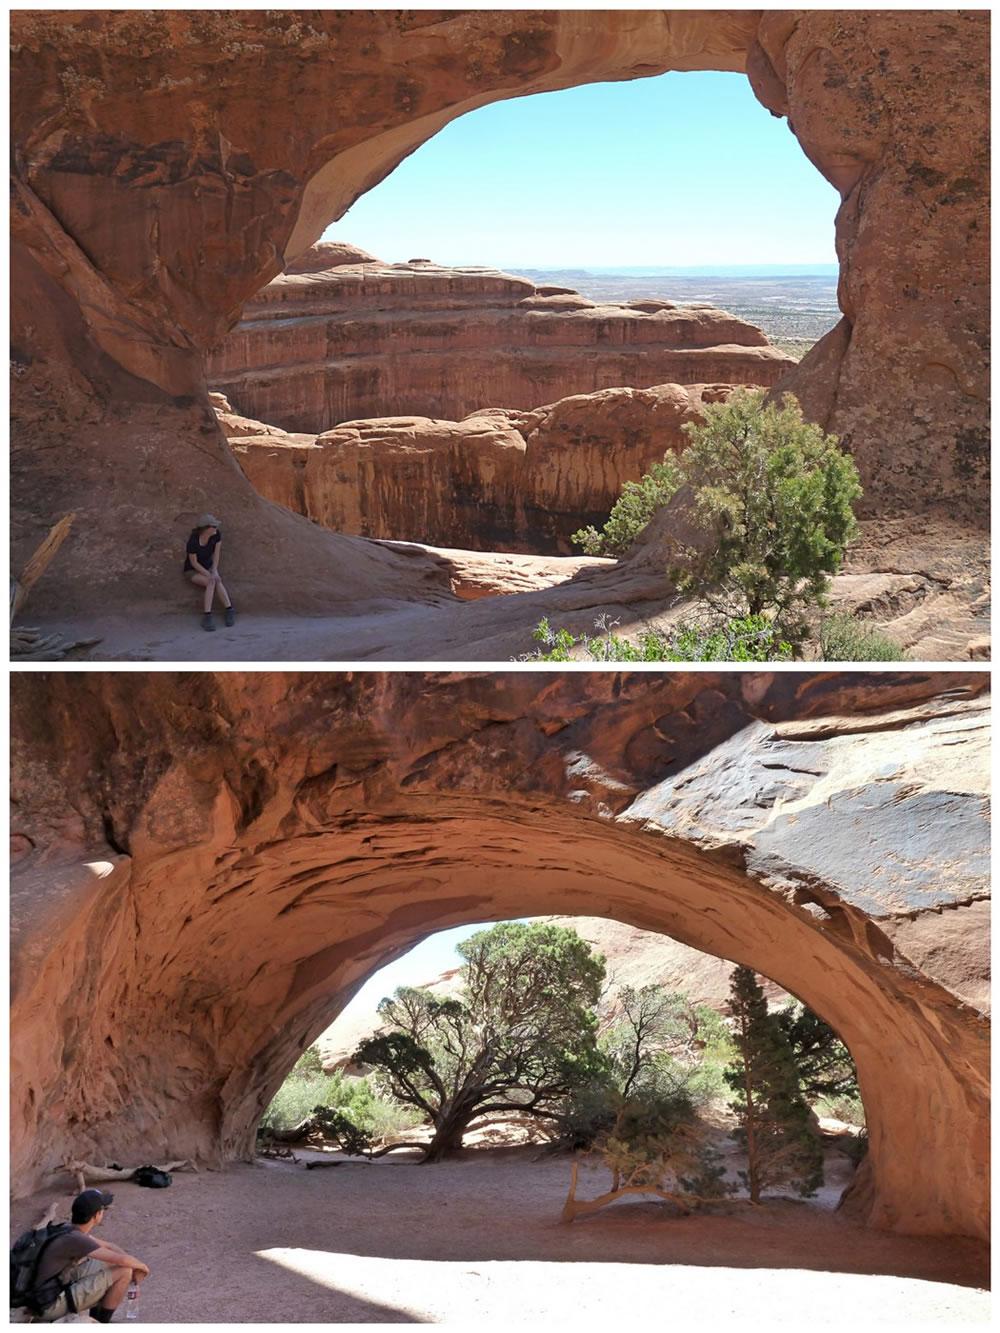 Arche National Park